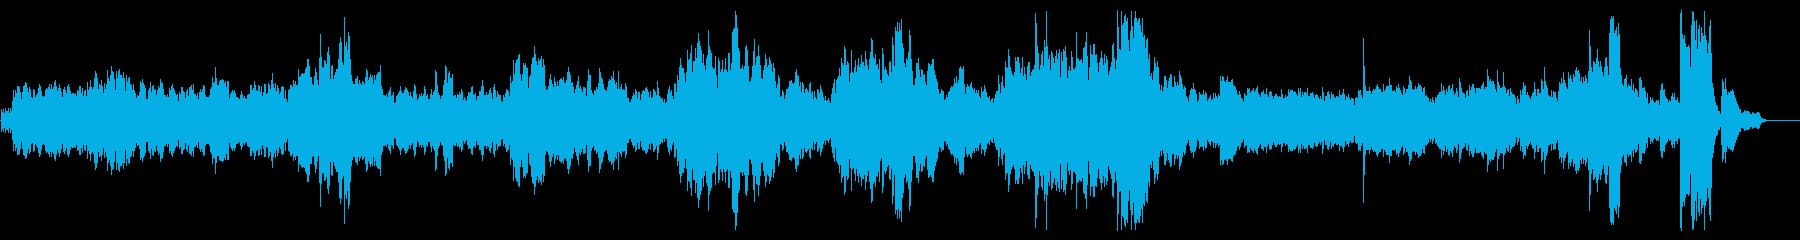 ショパンの名曲ですの再生済みの波形